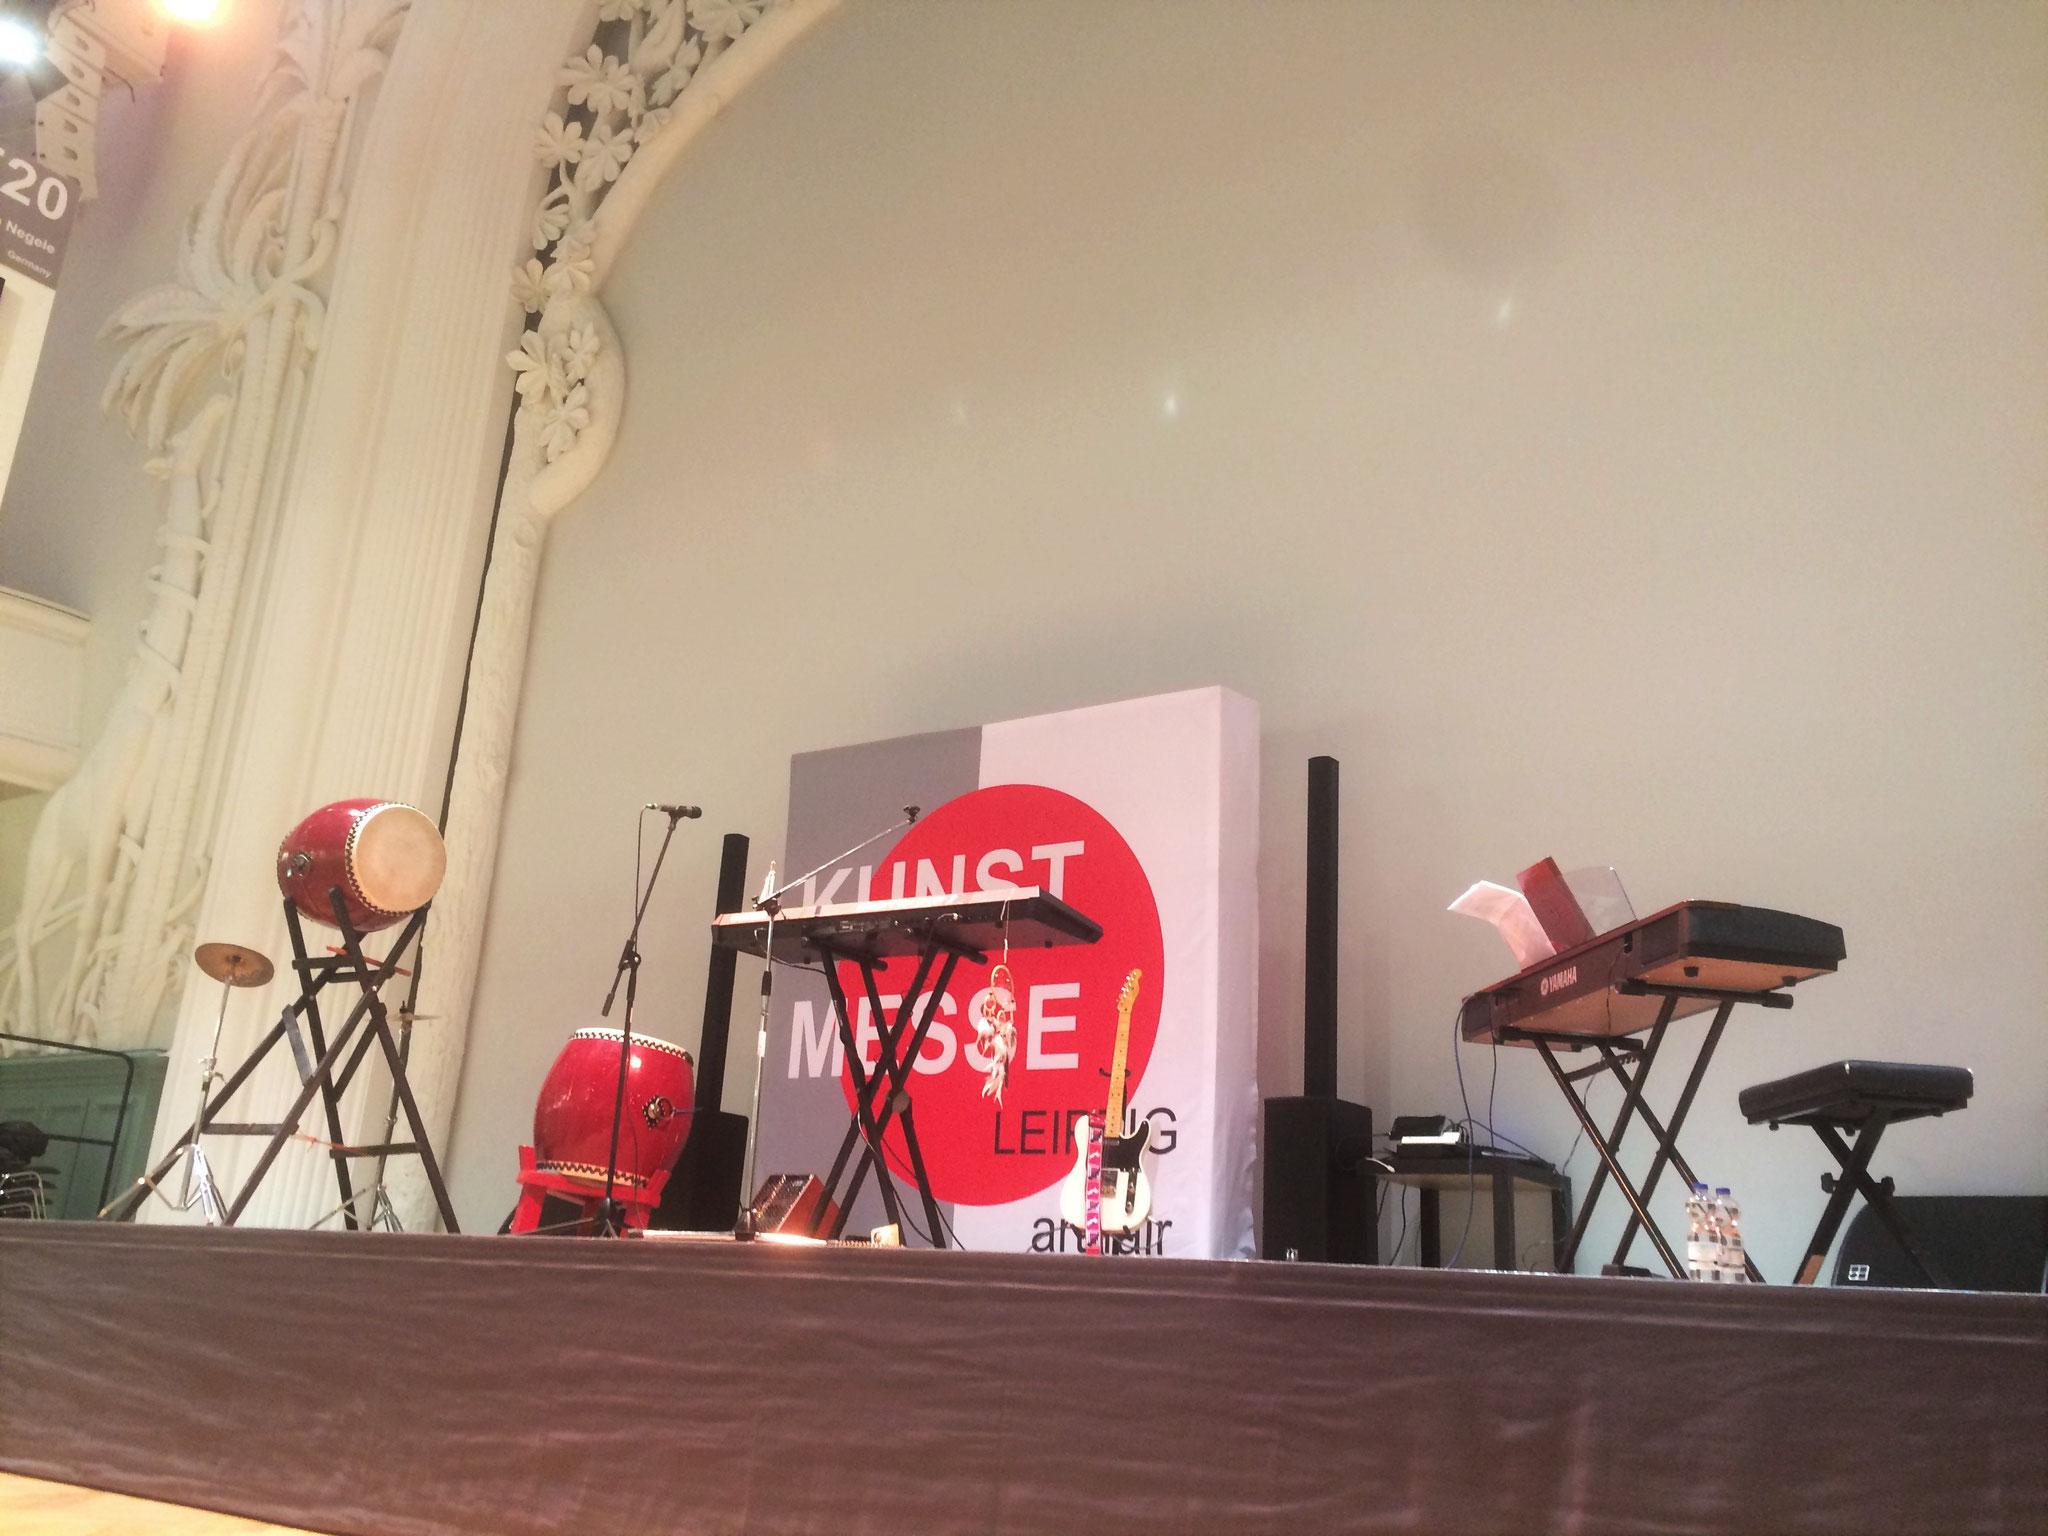 KUNSTMESSE Leipzig @ Kongresshalle